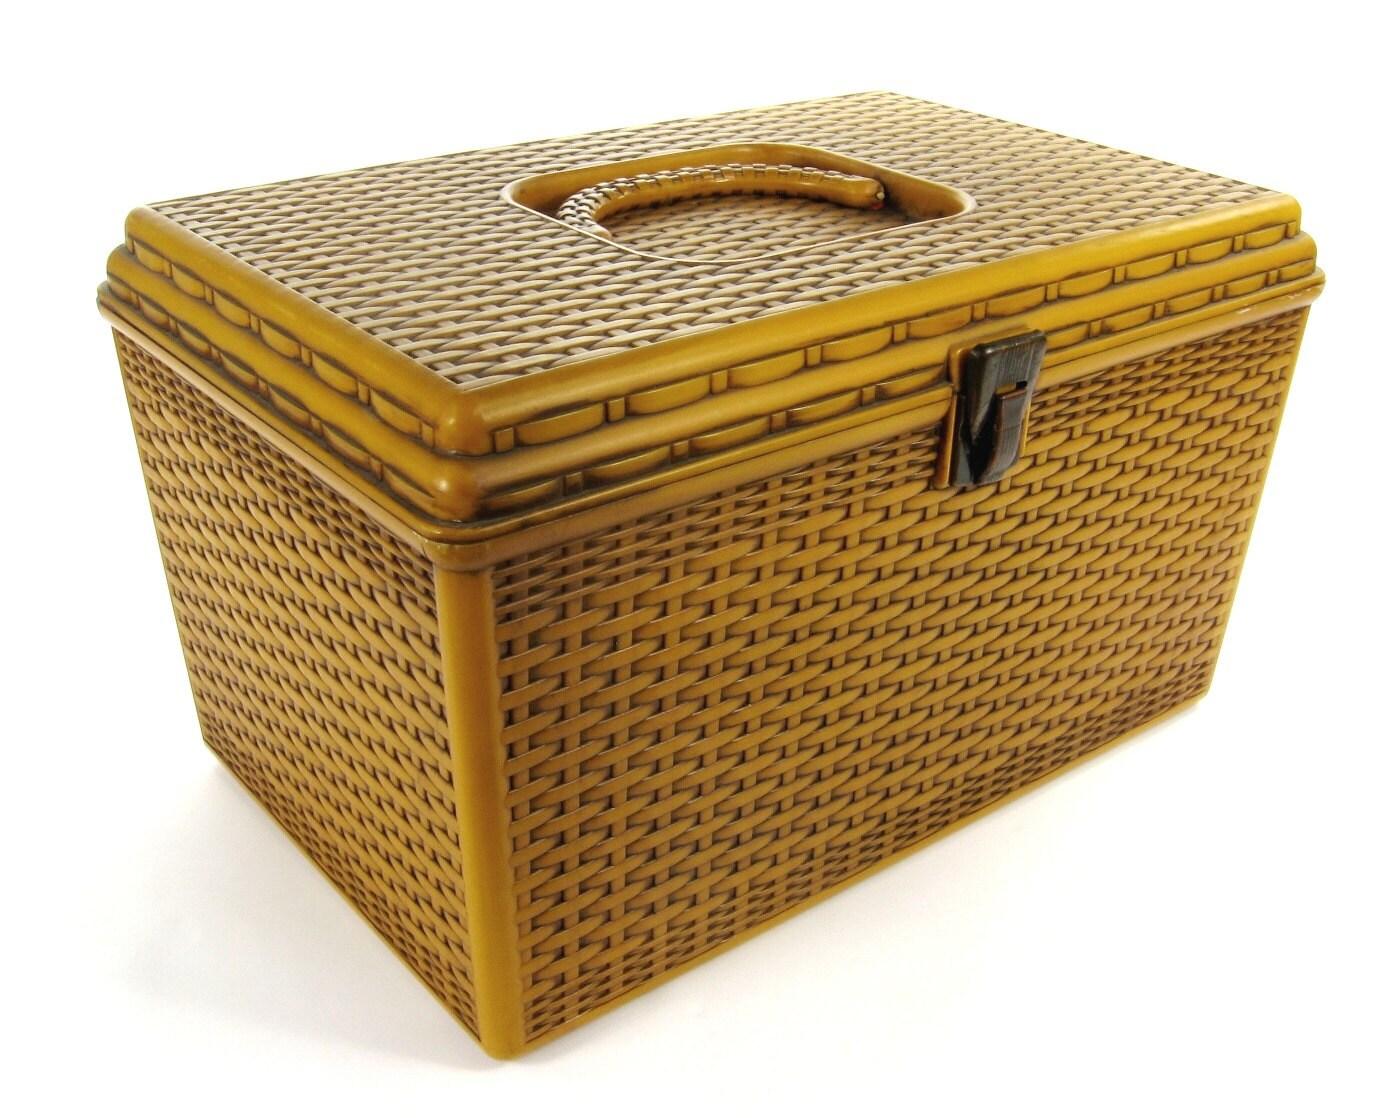 Basket Weaving Supplies Nyc : Vintage basket weave plastic treasure sewing case with metal